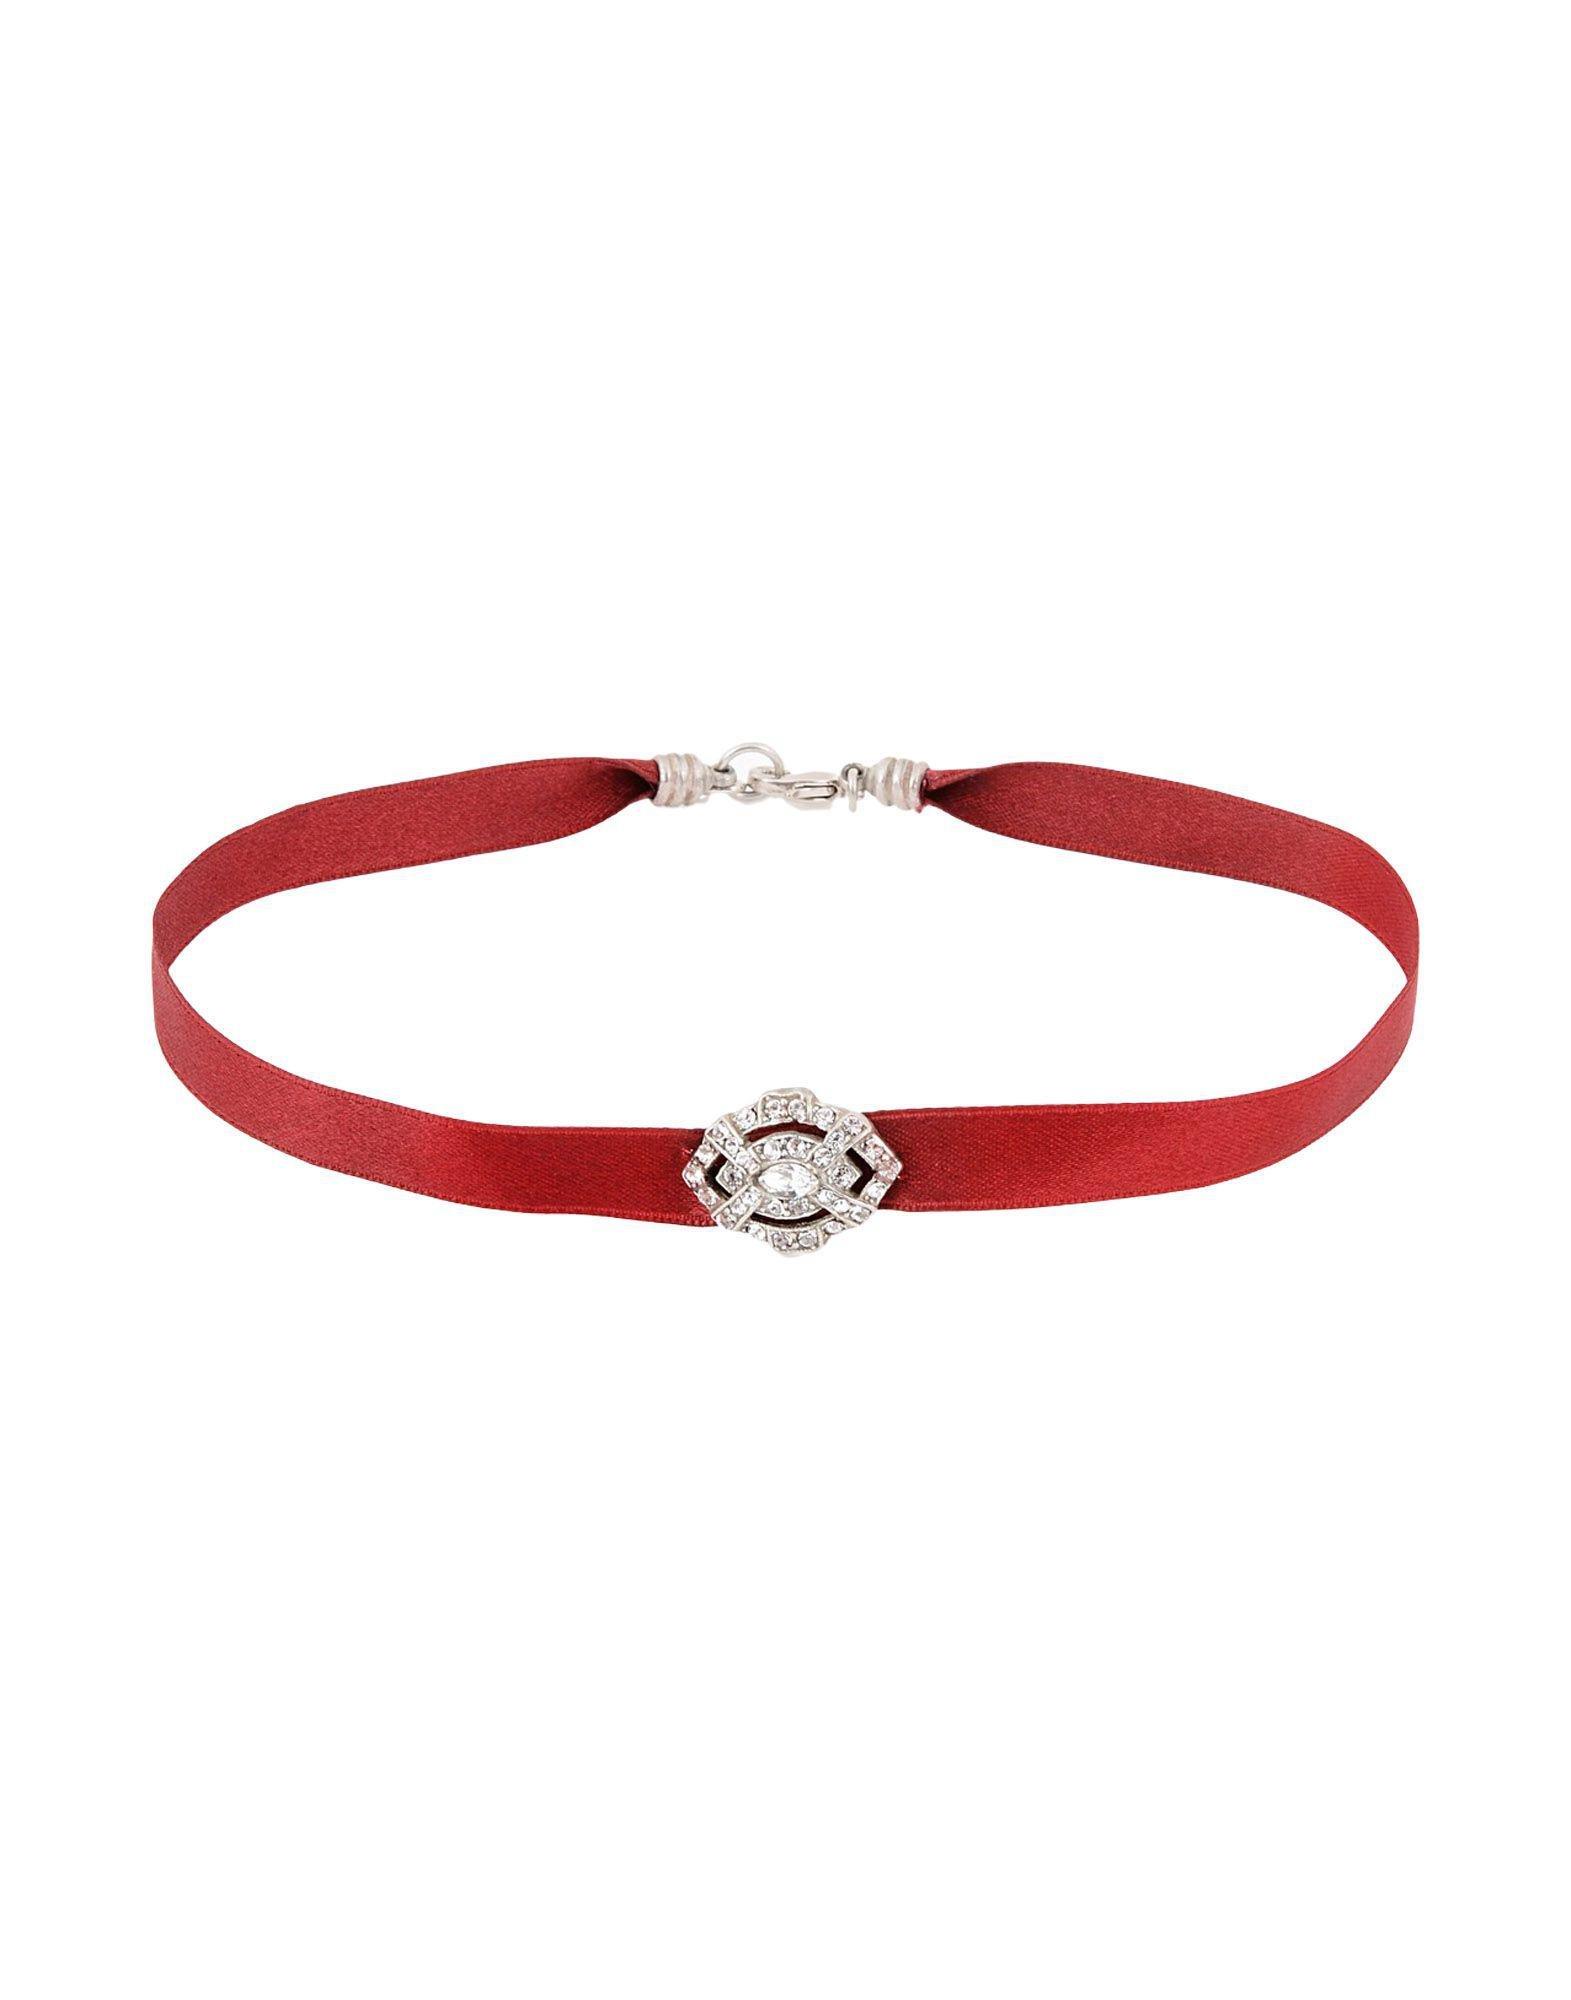 Ben-Amun Satin Necklace in Maroon (Red)